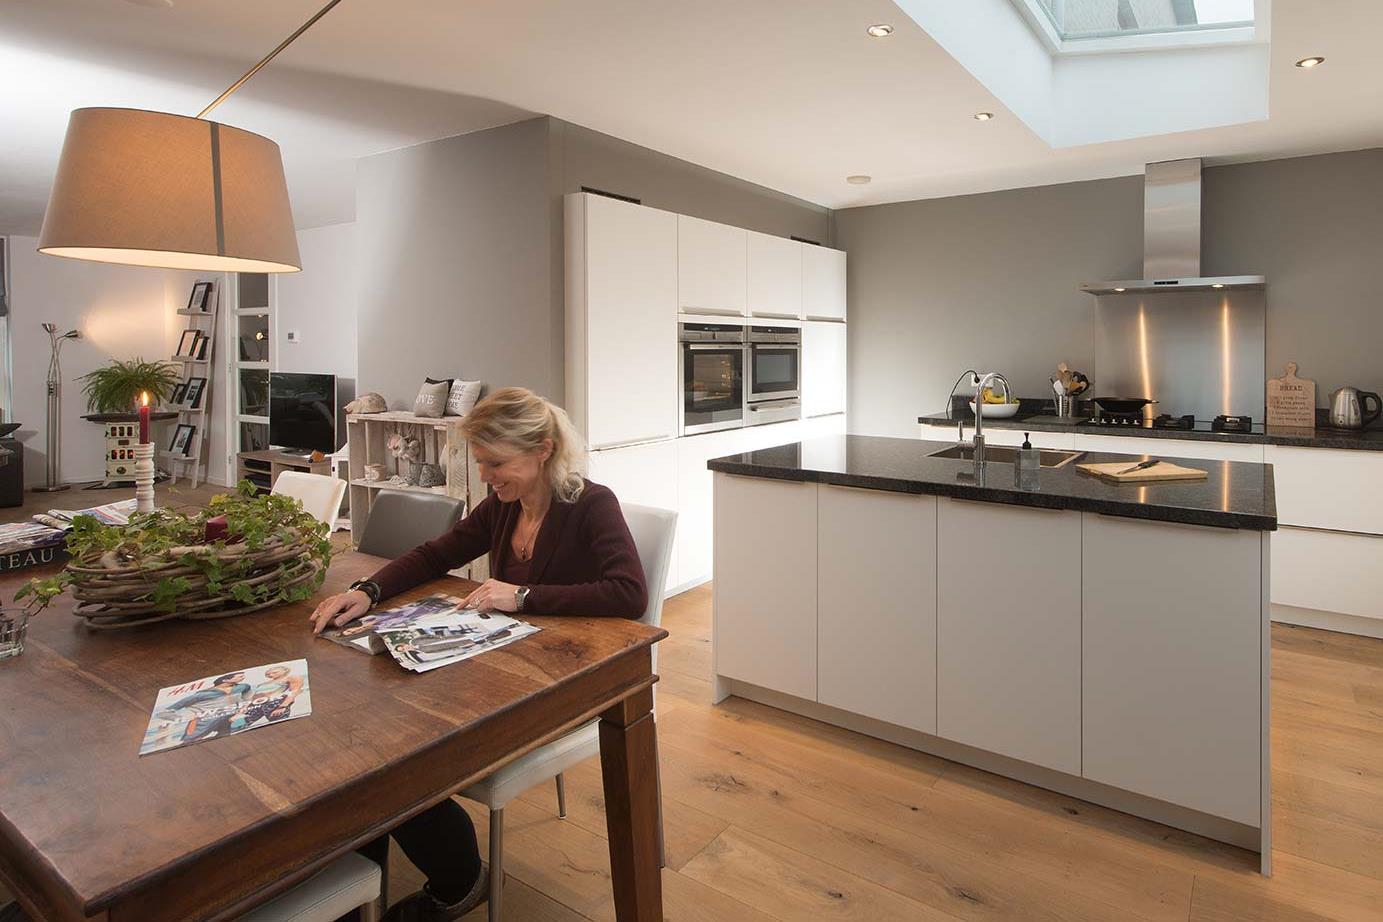 Luxe Design Keuken : Design keukens alles wat u moet weten mét vele keukenvoorbeelden